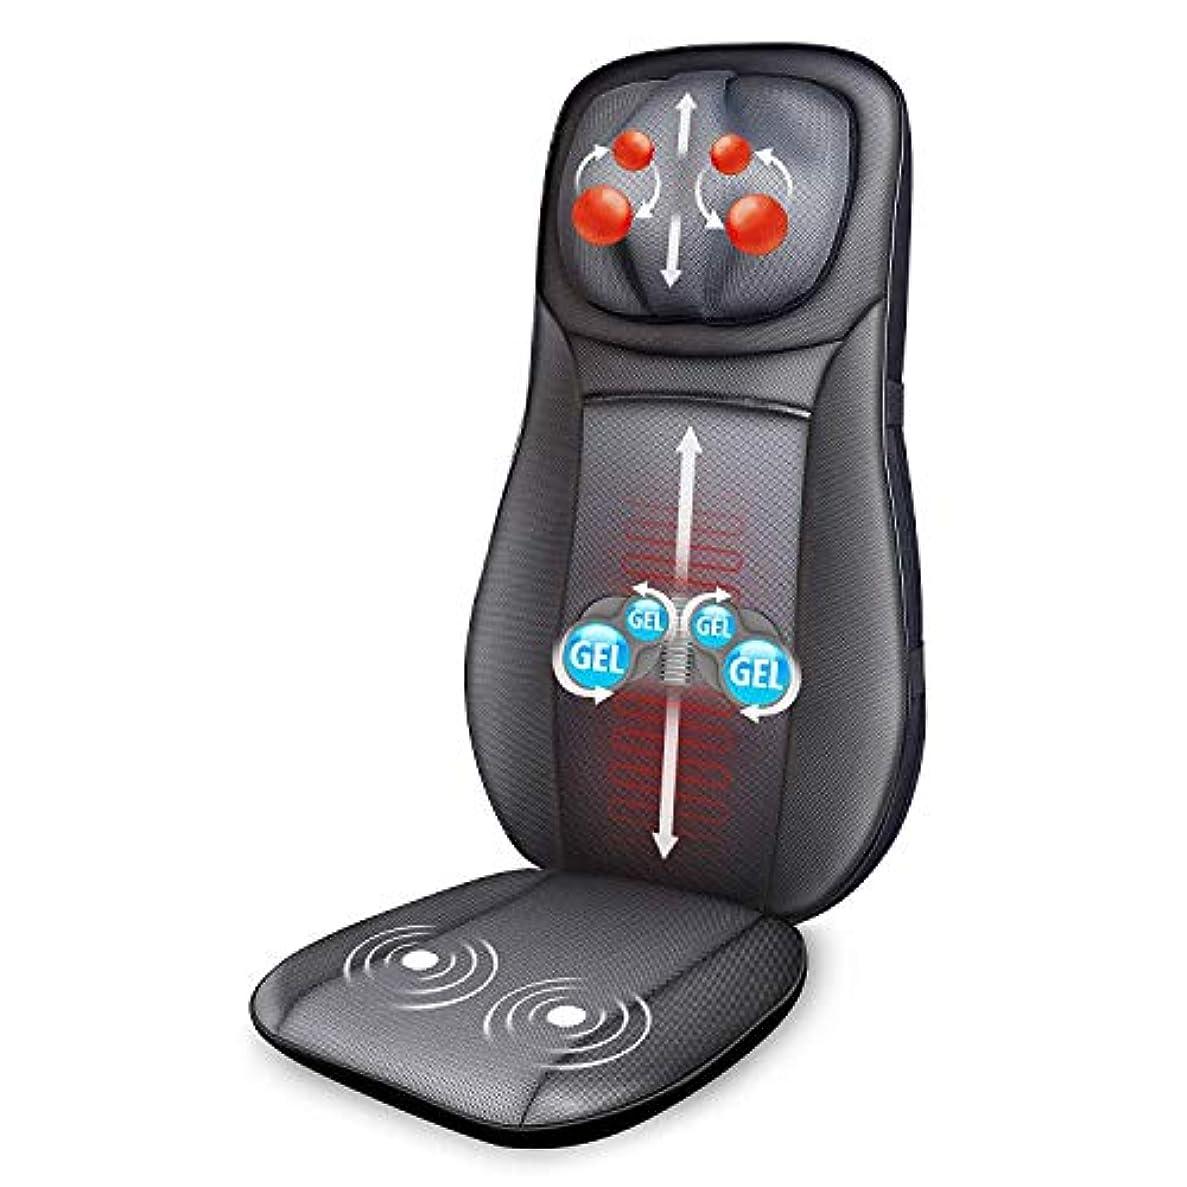 マウントしかしながら開いたSnailax Gel Shiatsu Neck & Back Massager - Gel Massage Nodes, Full Back Heating Pad, Kneading Shiatsu or Rolling...